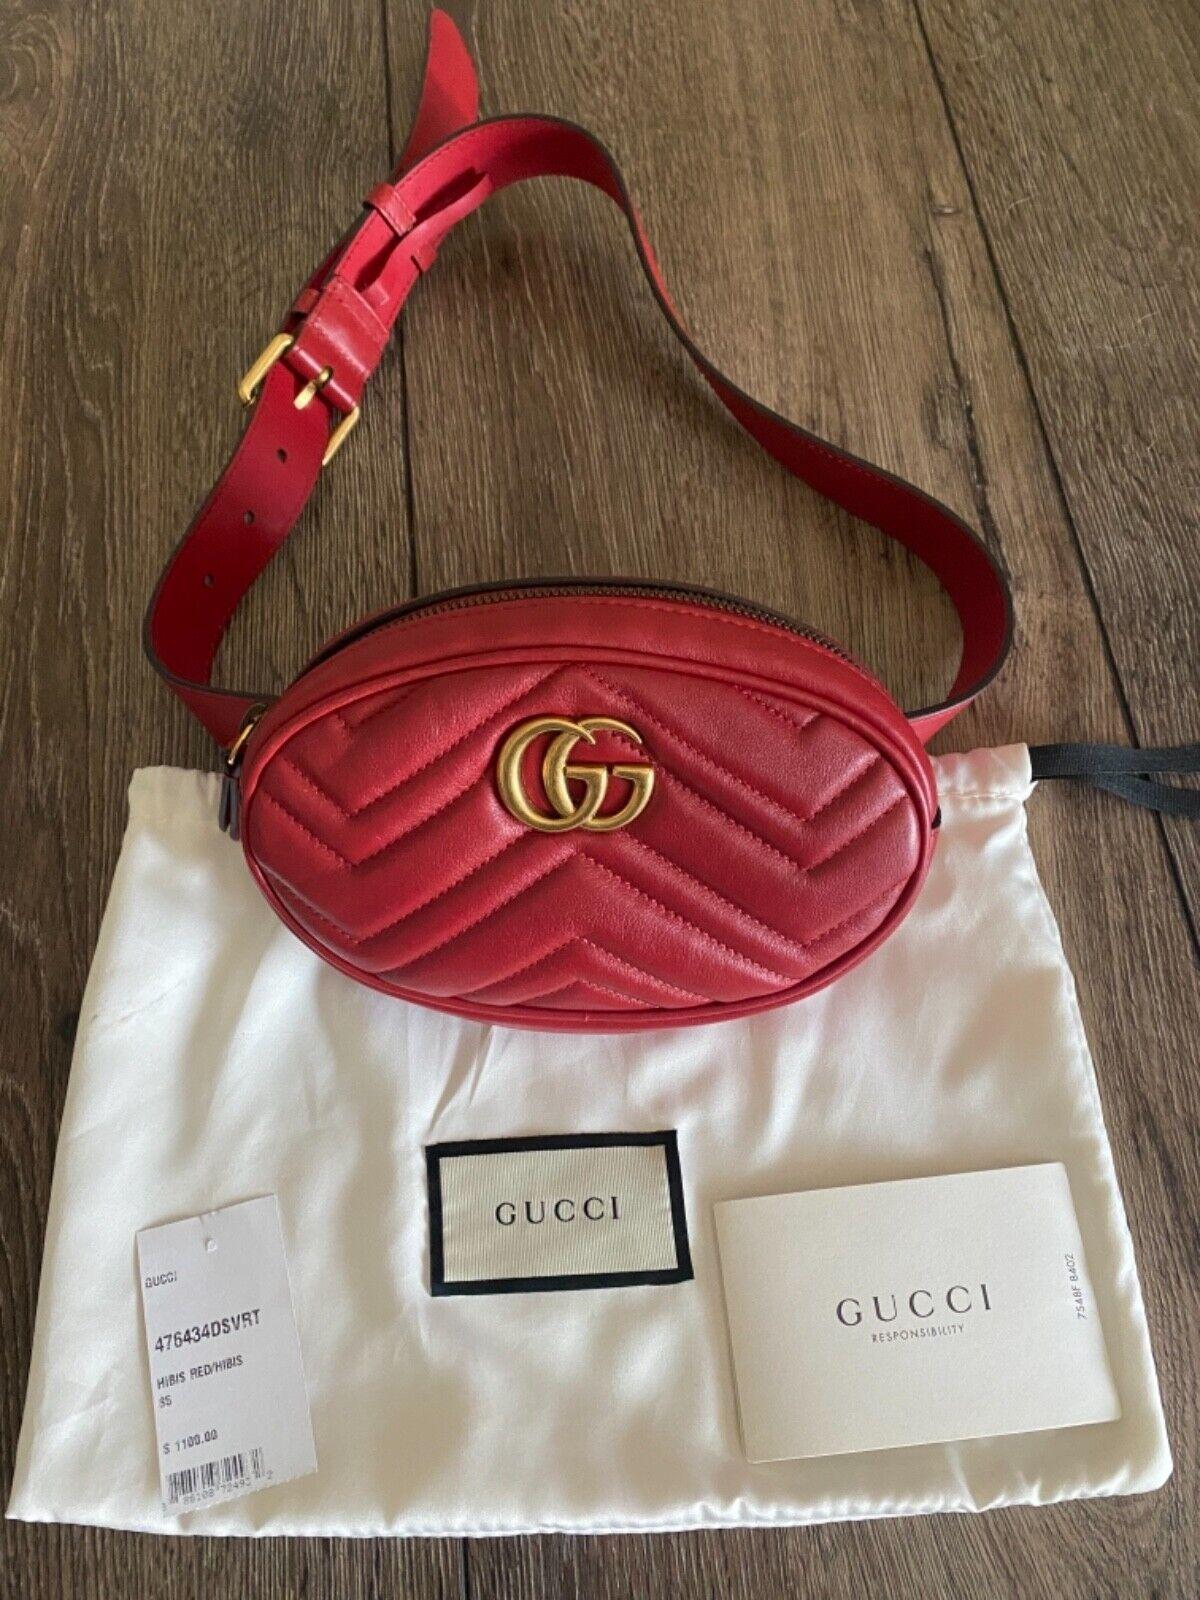 Gucci belt handbag  - image 1